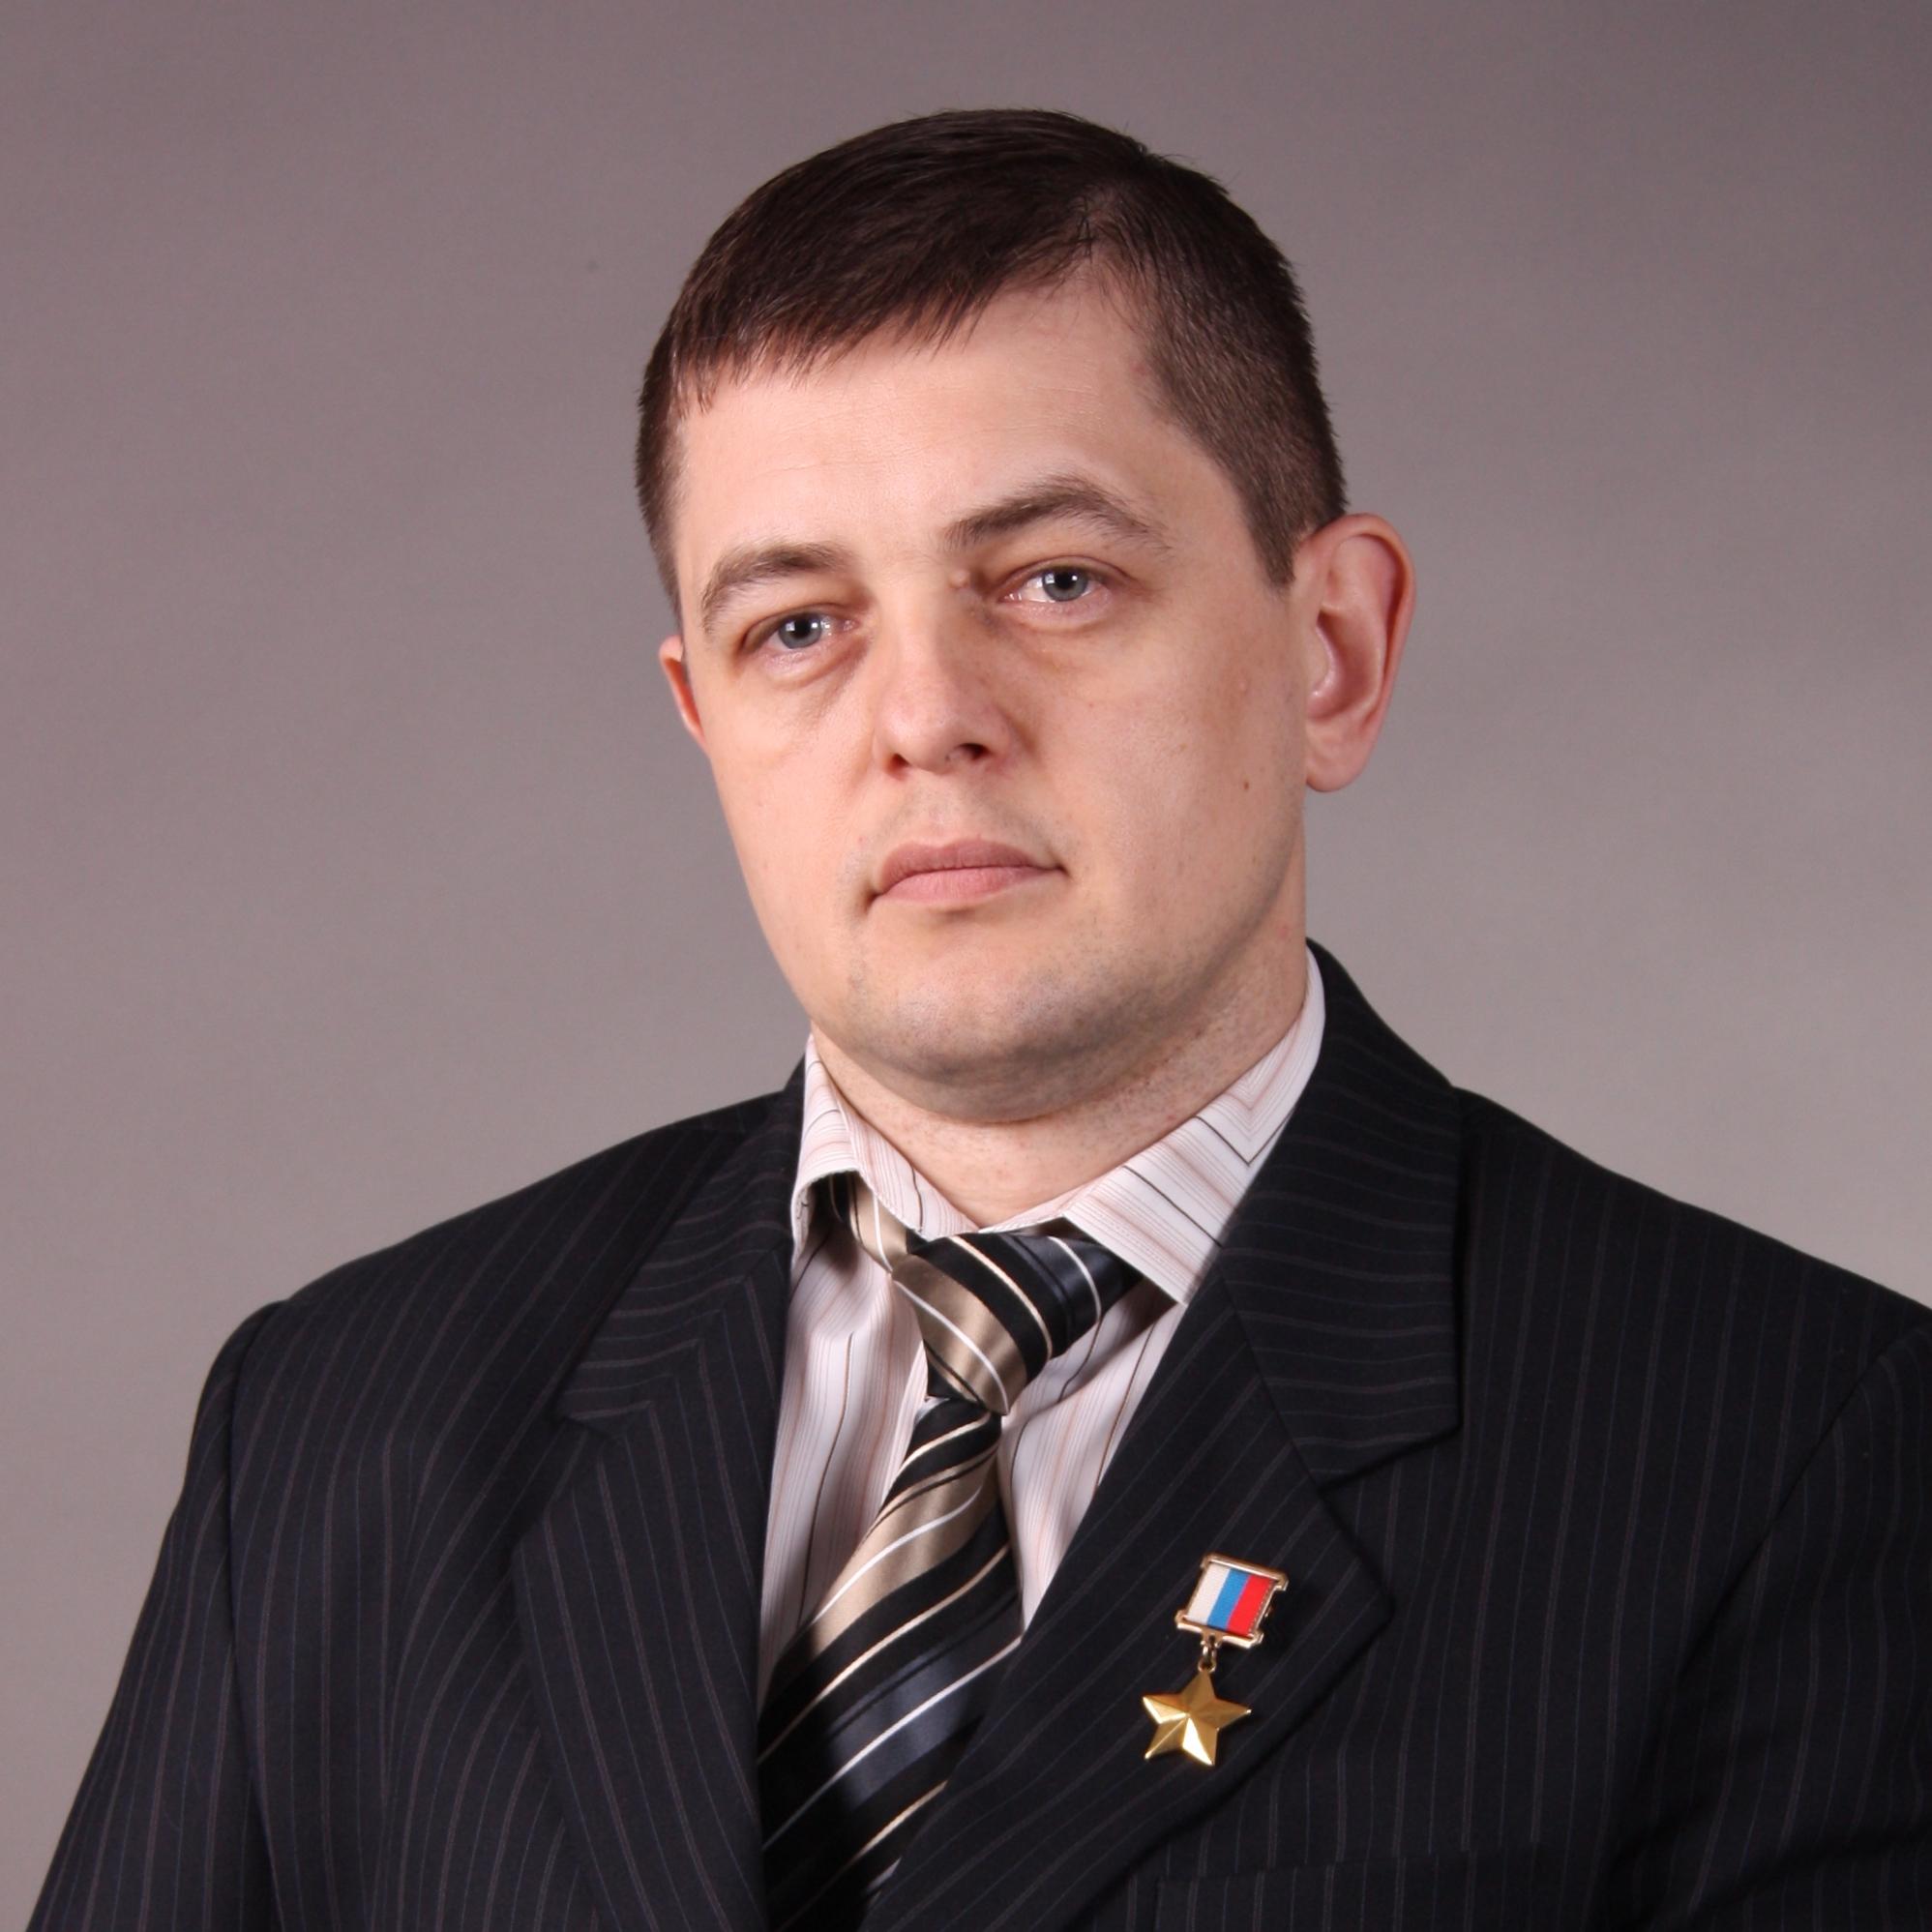 Подвиг врачей оценил Герой России Игорь Задорожный